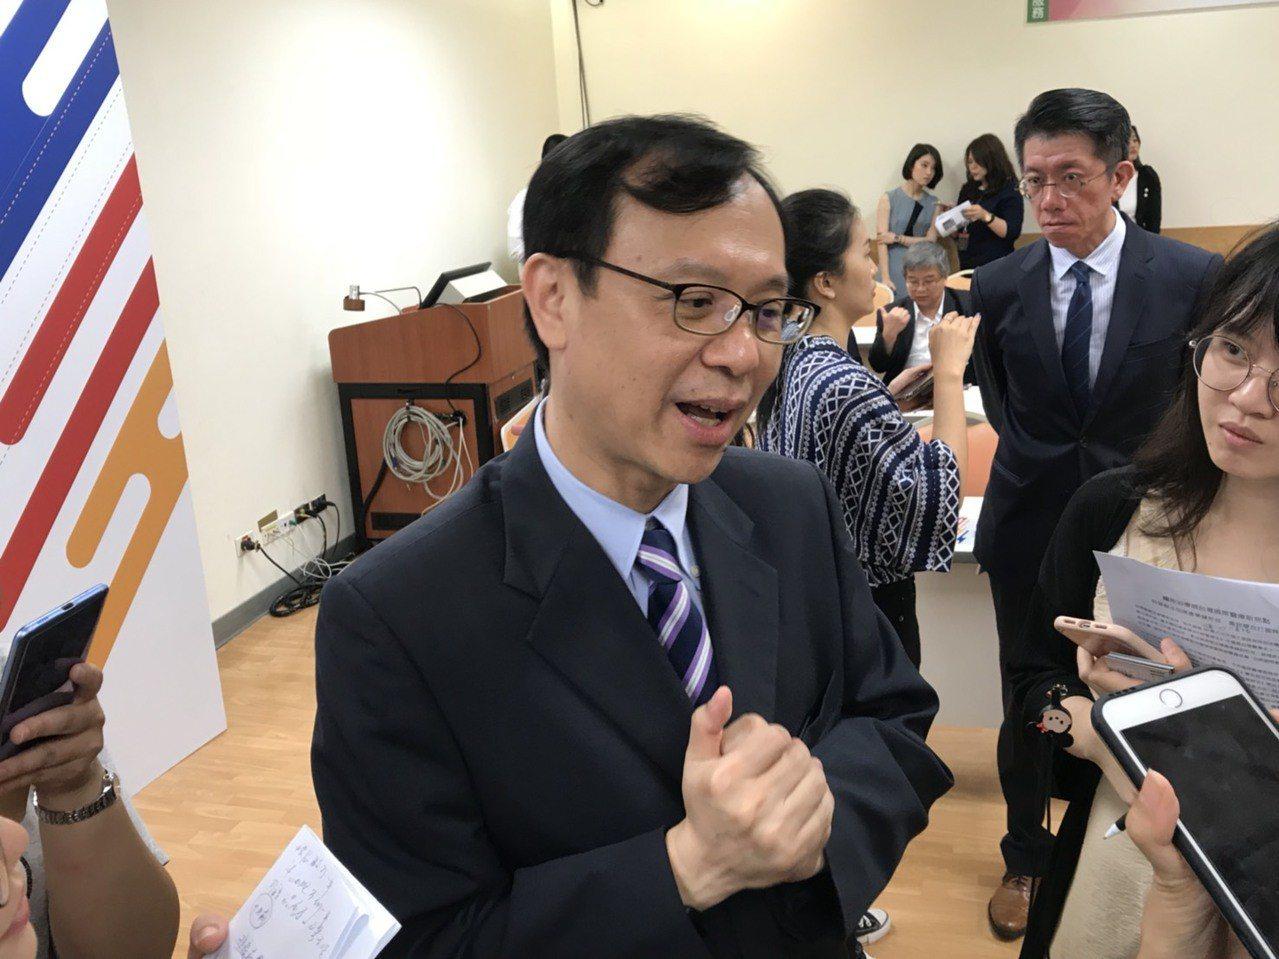 醫事司司長石崇良表示,目前特管辦法已有57案申請,三總、中國附醫兩家已通過核准外...